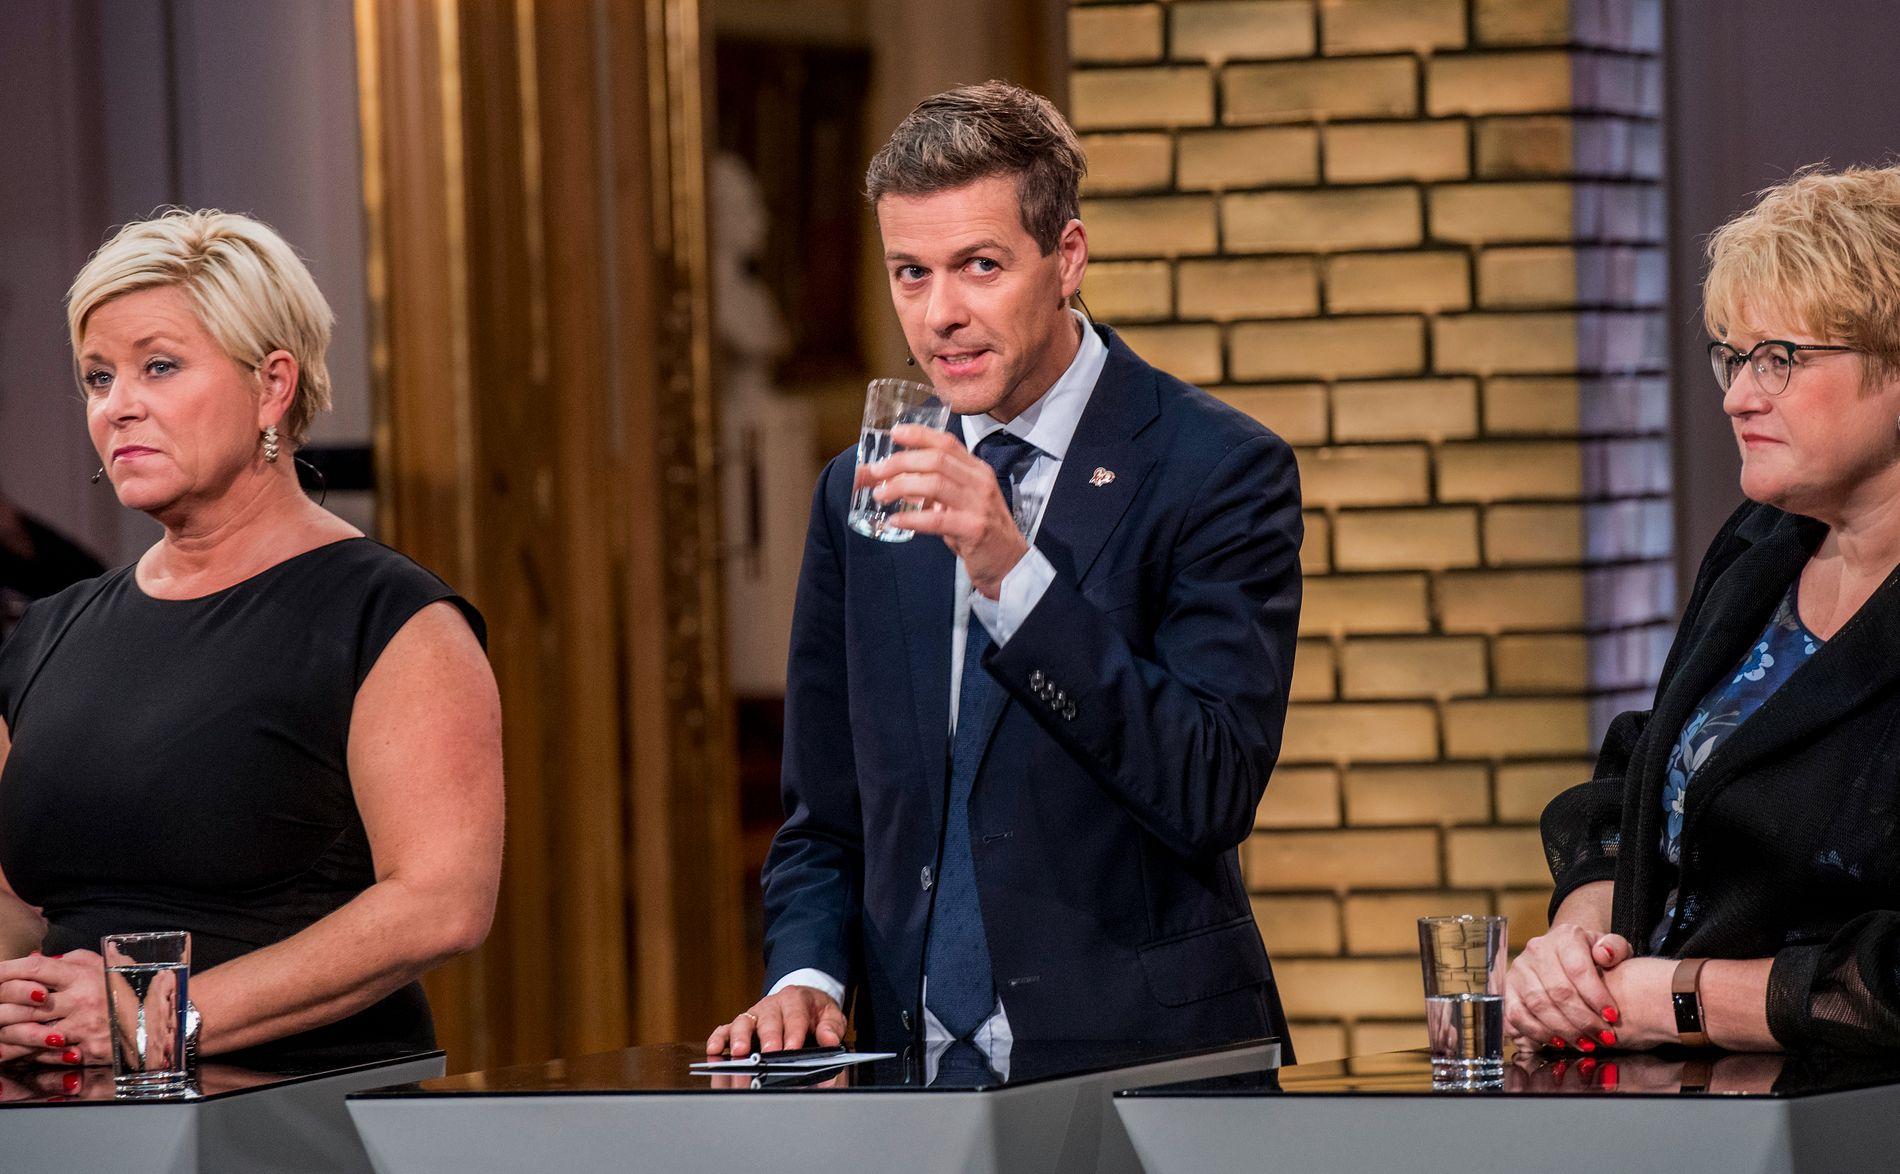 INVITERER: Frp-leder Siv Jensen fotografert under partilederdebatten i Stortinget på valgnatten. Hun ønsker både Knut Arild Hareide og Trine Skei Grande velkommen i regjering.